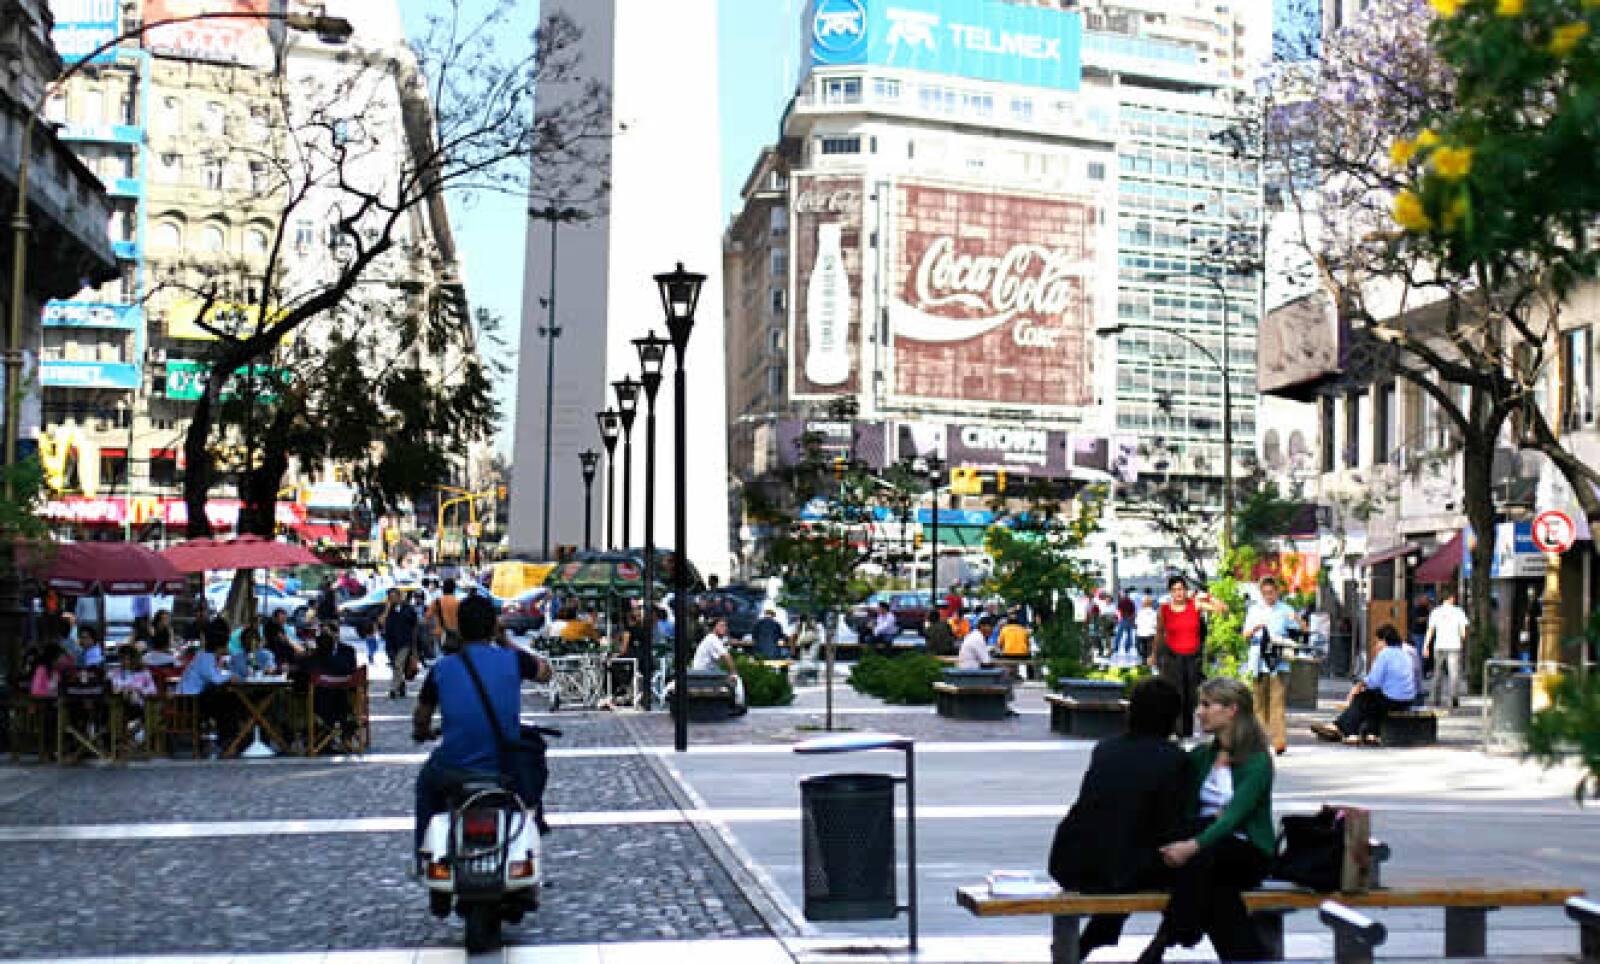 Terminamos este recorrido por la capital de Argentina, con una instantánea de Av. Corrientes, una de las calles más representativas de la vida nocturna de esta ciudad porteña.